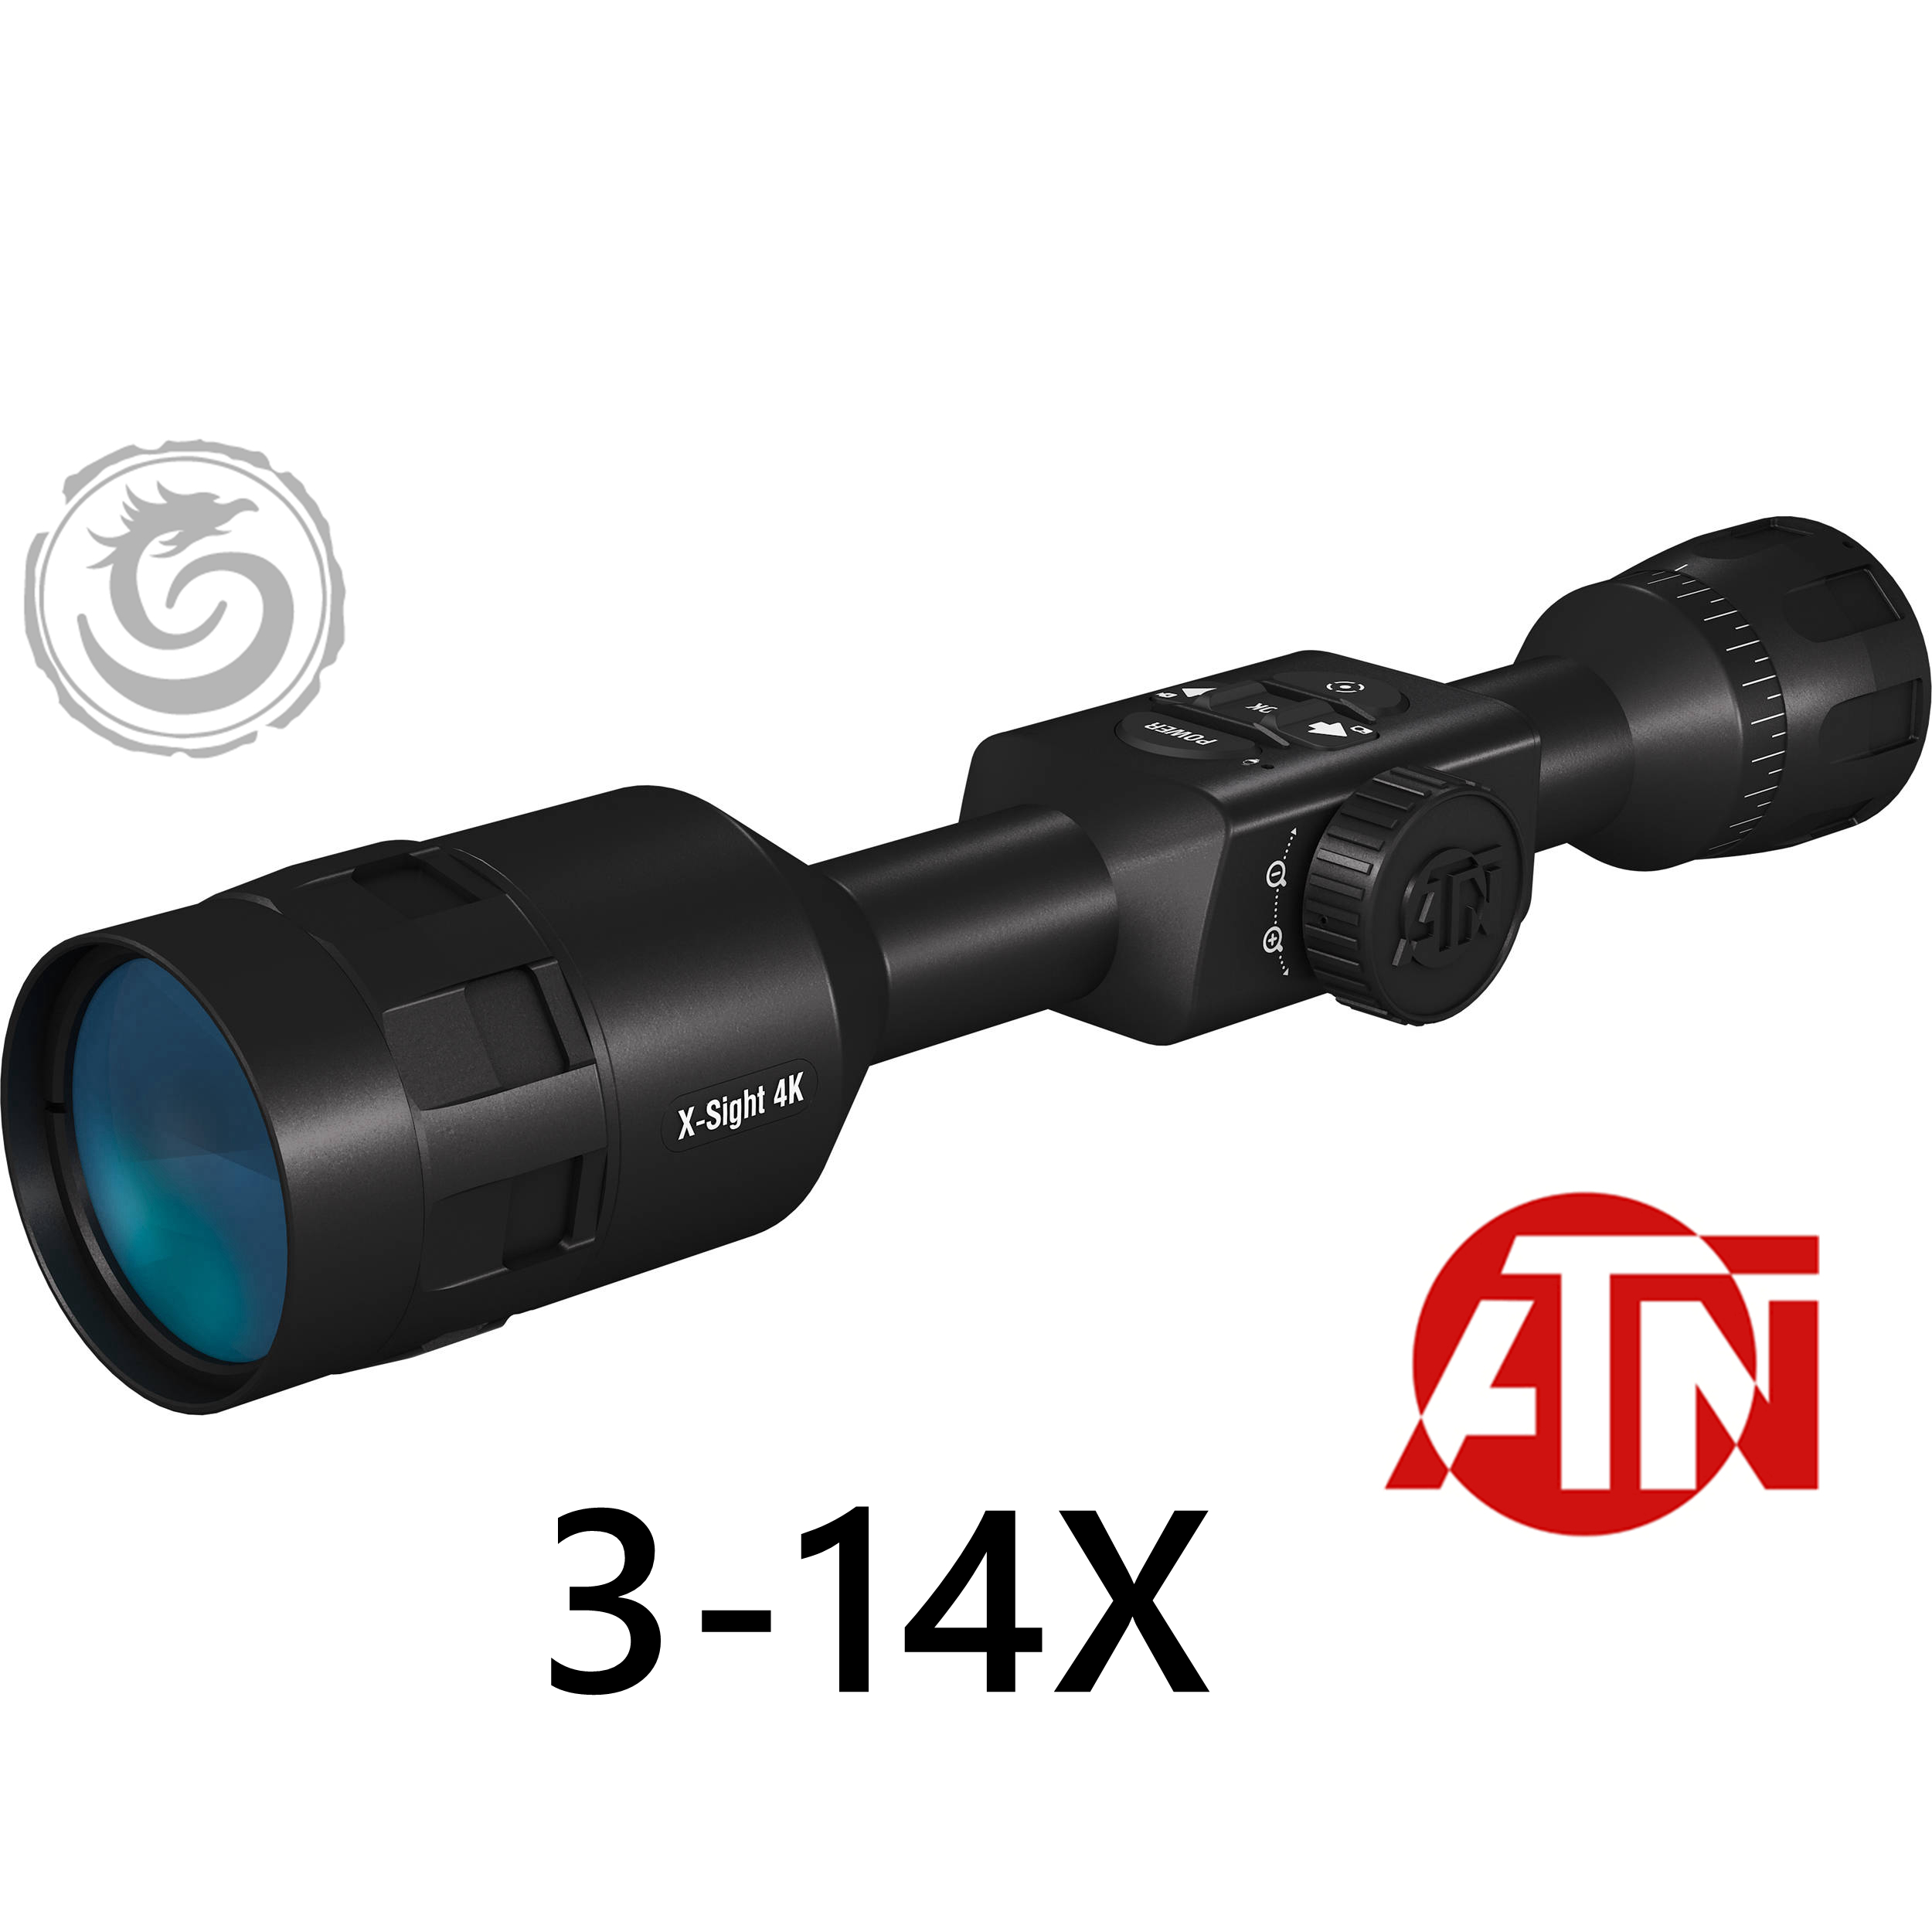 atn_dgwsxs3144kb_x_sight_4k_3_14x_buck_1390757